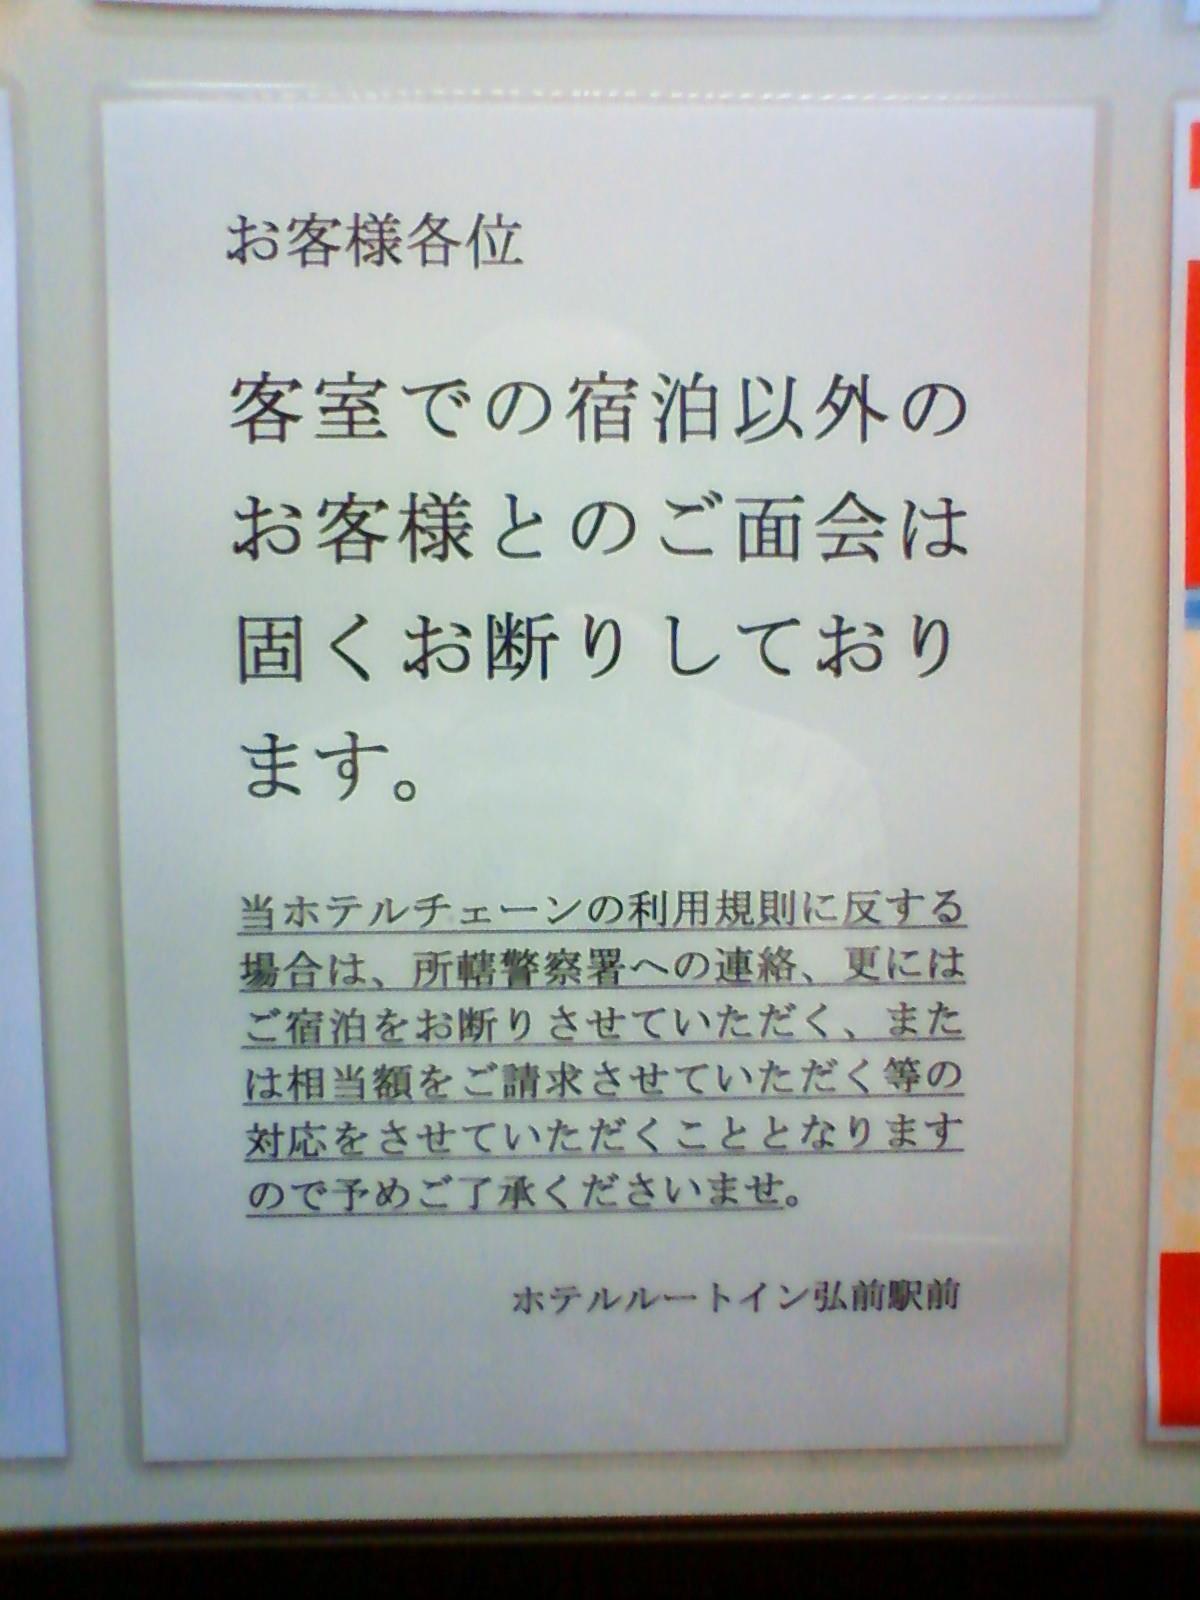 hiro-route.jpg